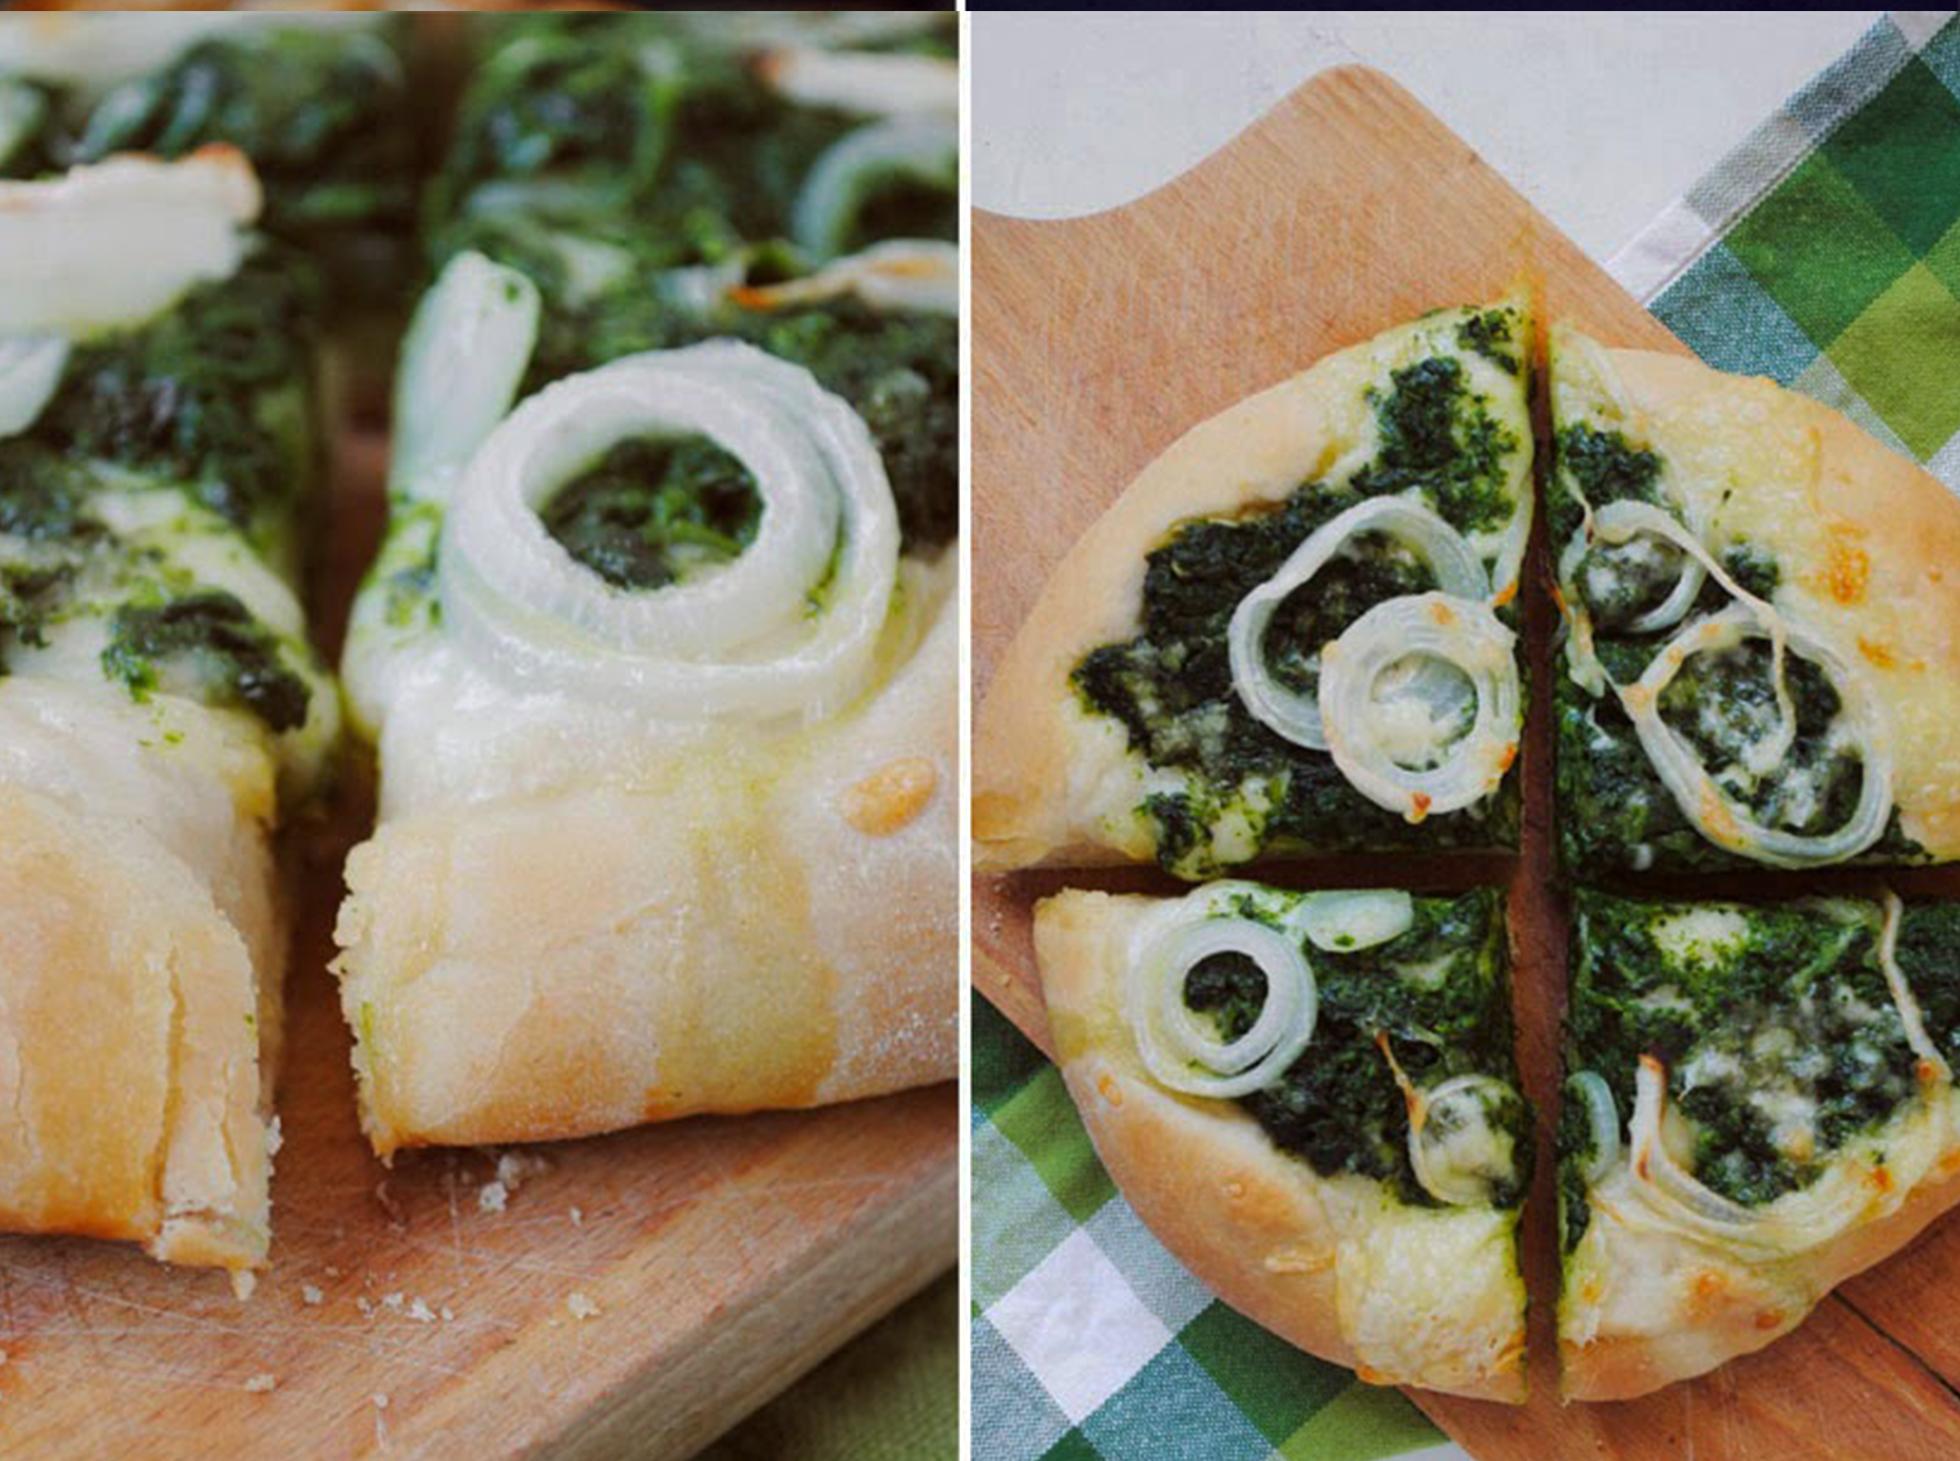 Domowa pizza ze szpiankiem i cebulą